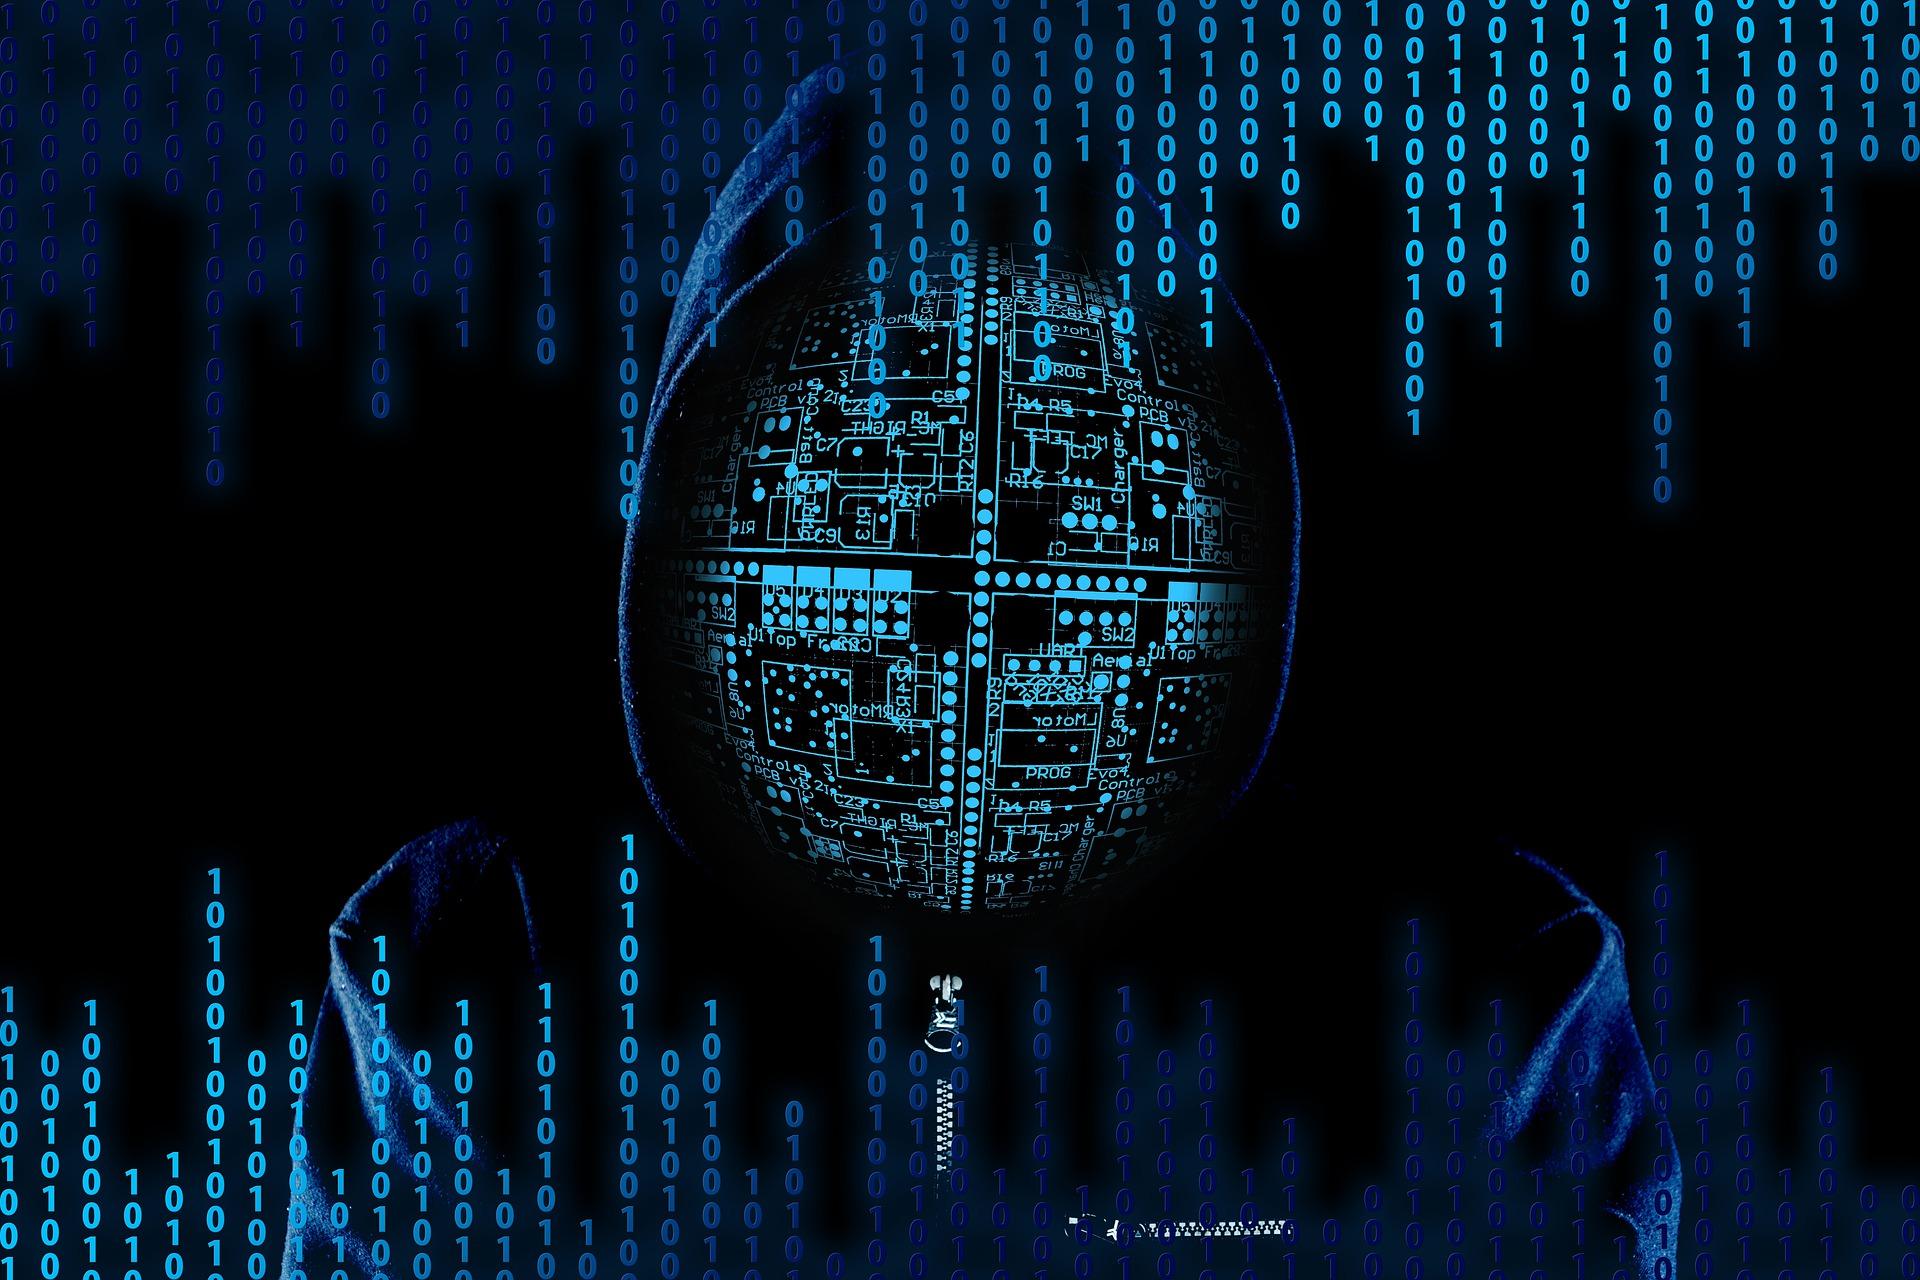 اختراق المواقع عبر ثغرة XSS